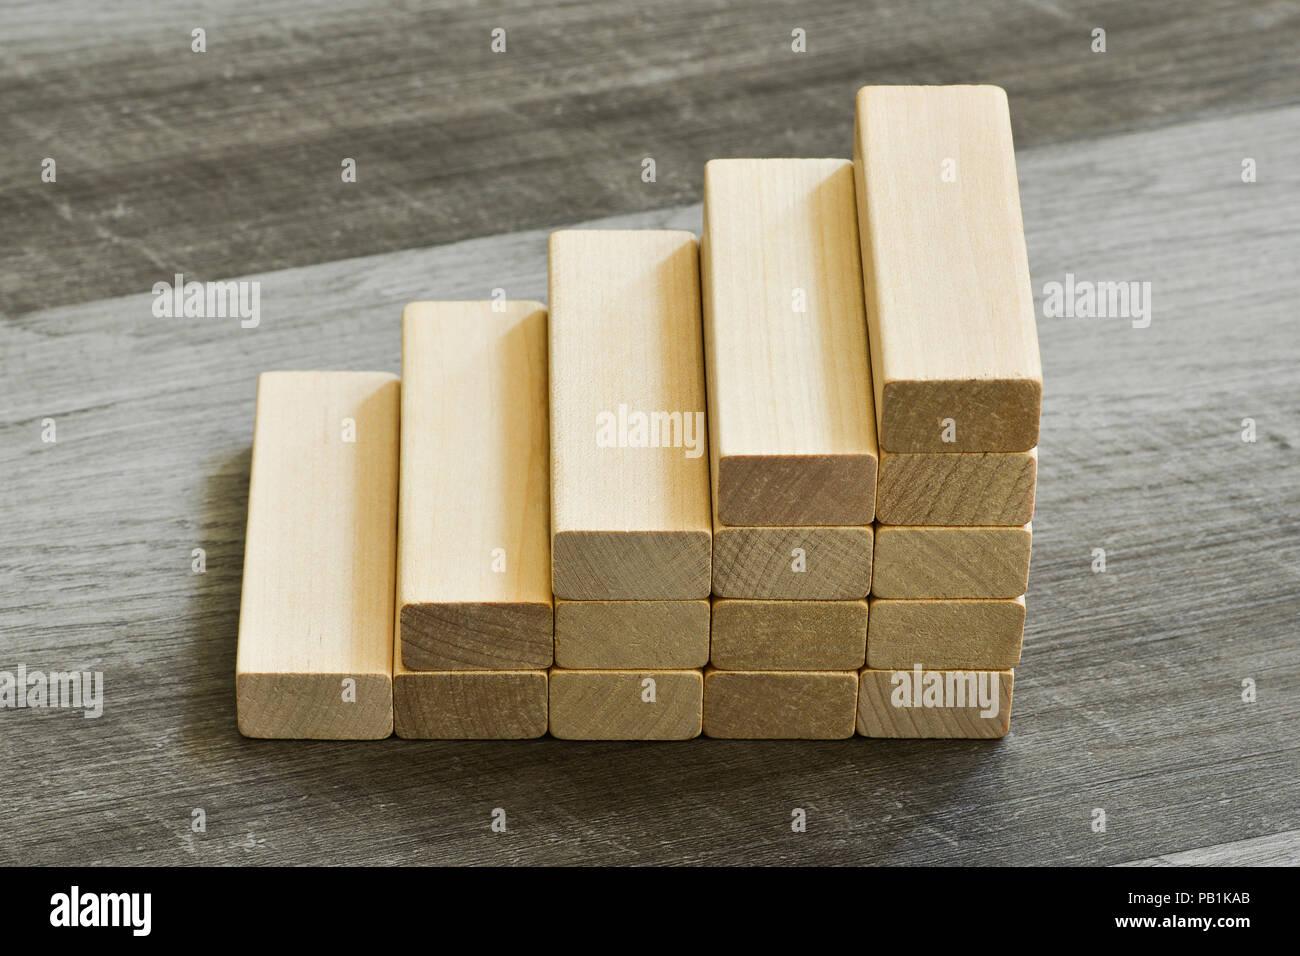 Challenge / Goal Concept - Stairway Upwards Of Building Blocks Over Dark Grey Wooden Background - Stock Image